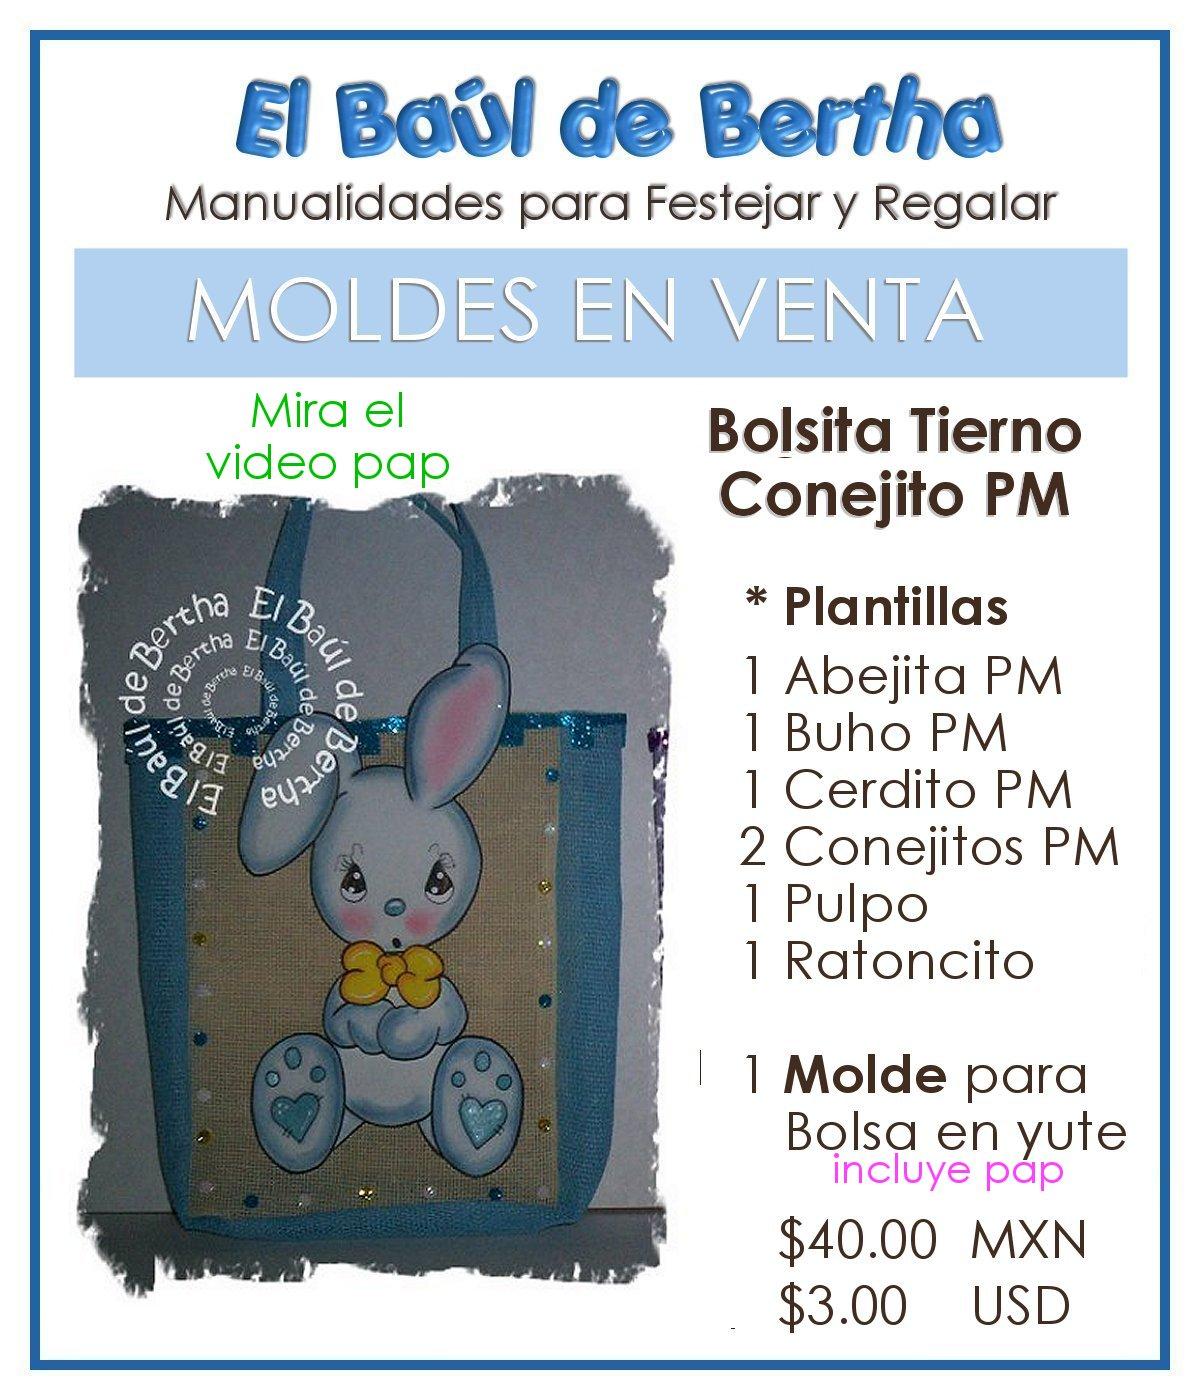 Tierno Conejito PM - Incluye mas animalitos VentadeMoldesConejitoPM